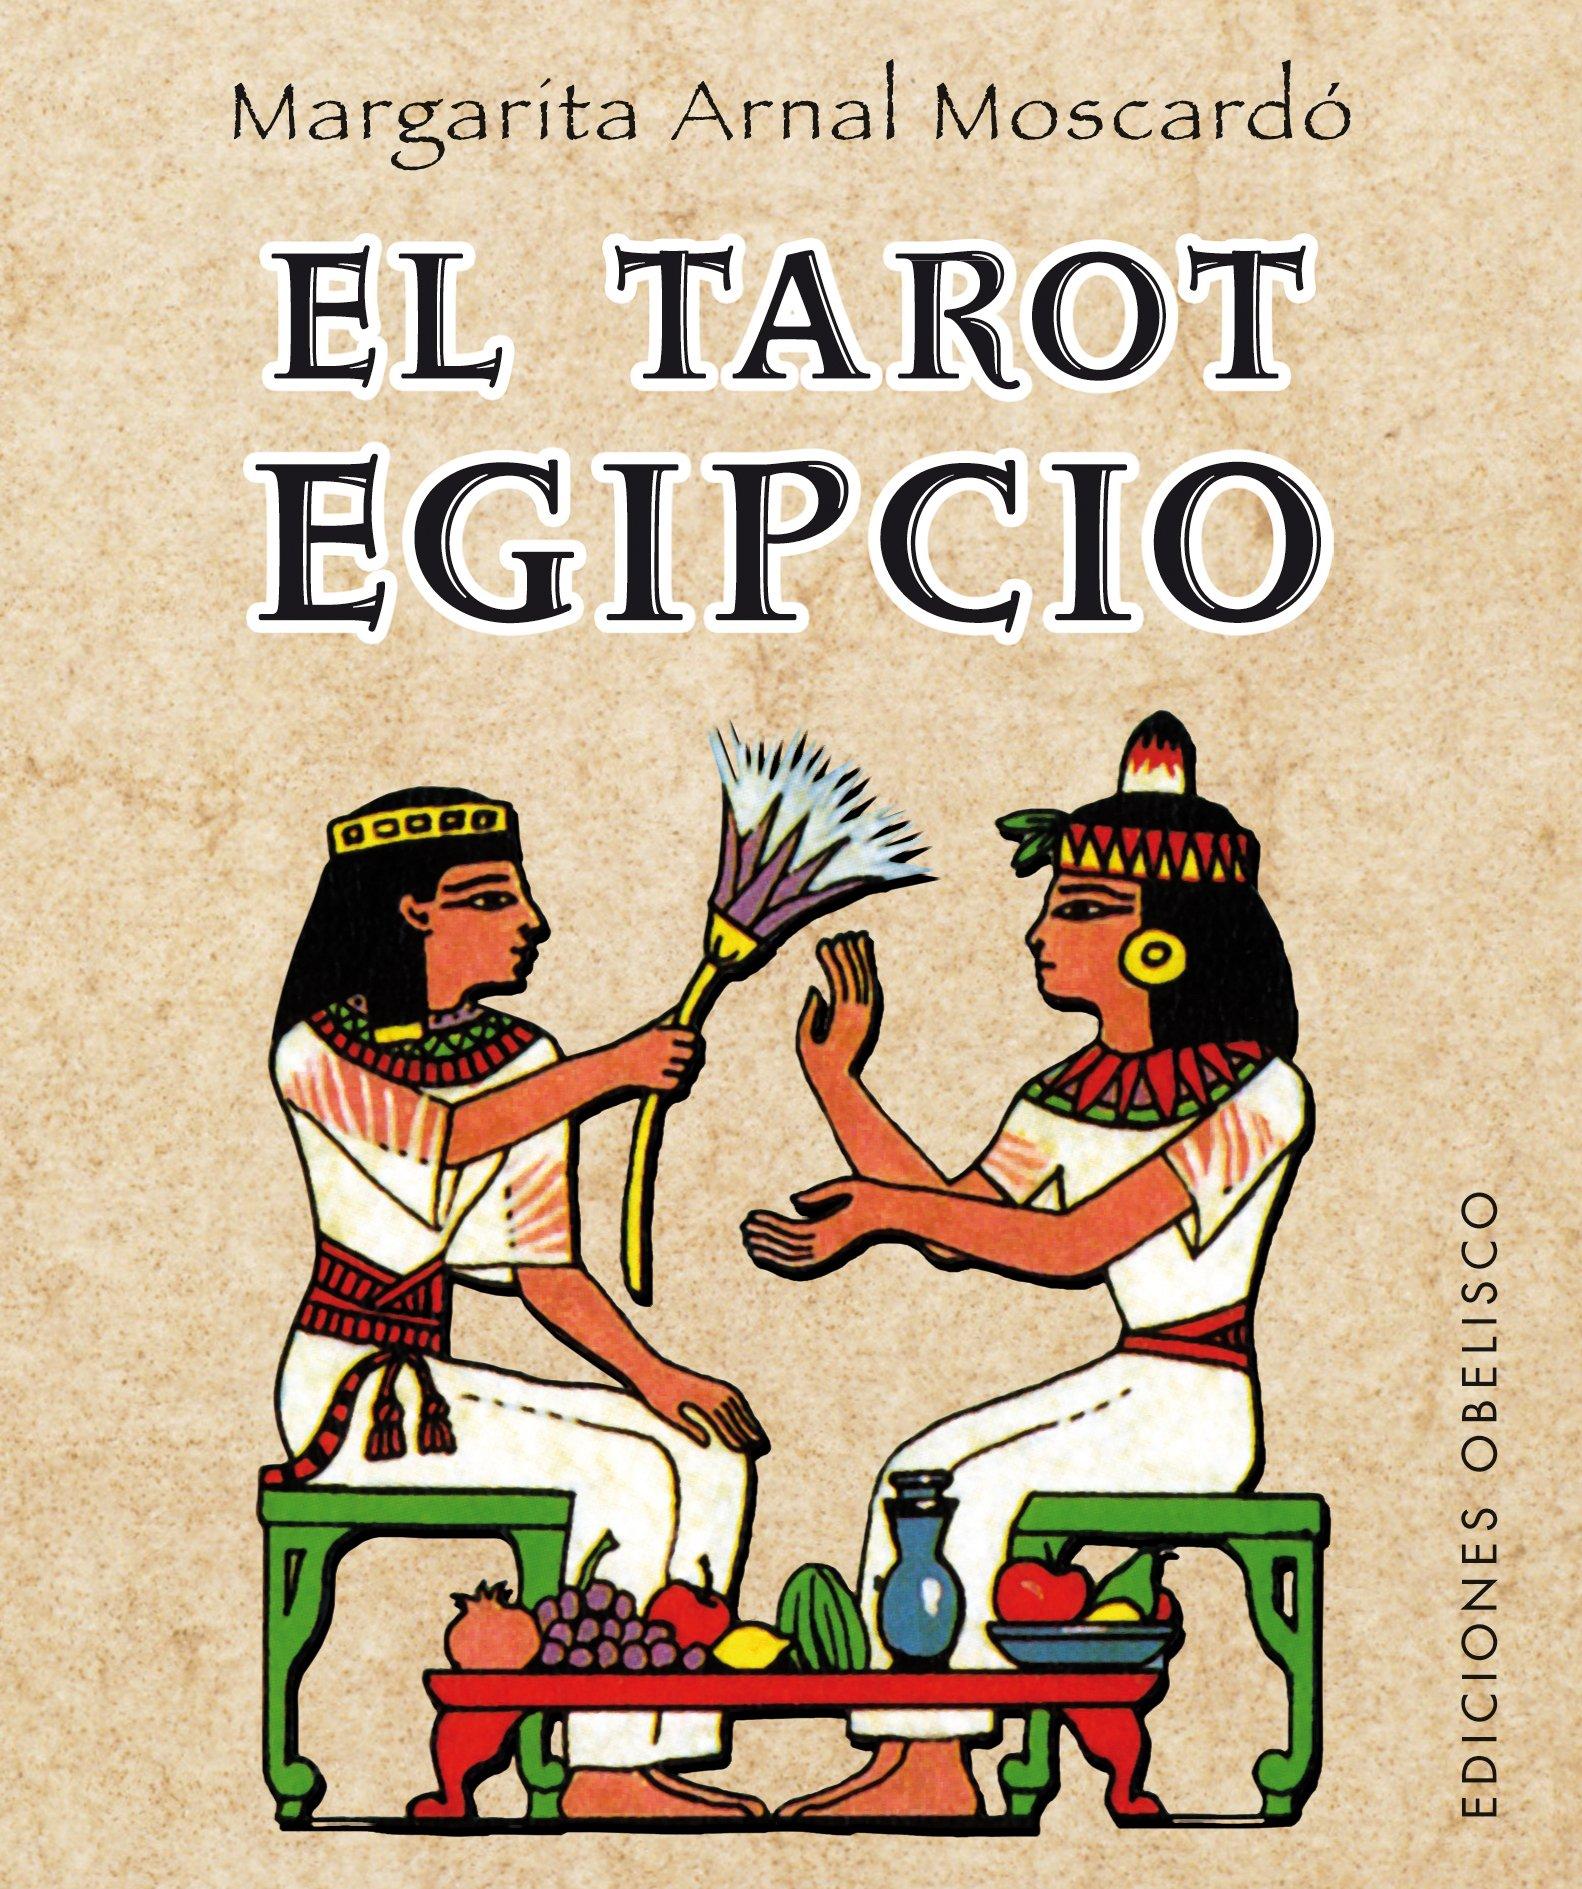 El tarot egipcio (Spanish Edition): Margarita Arnal ...